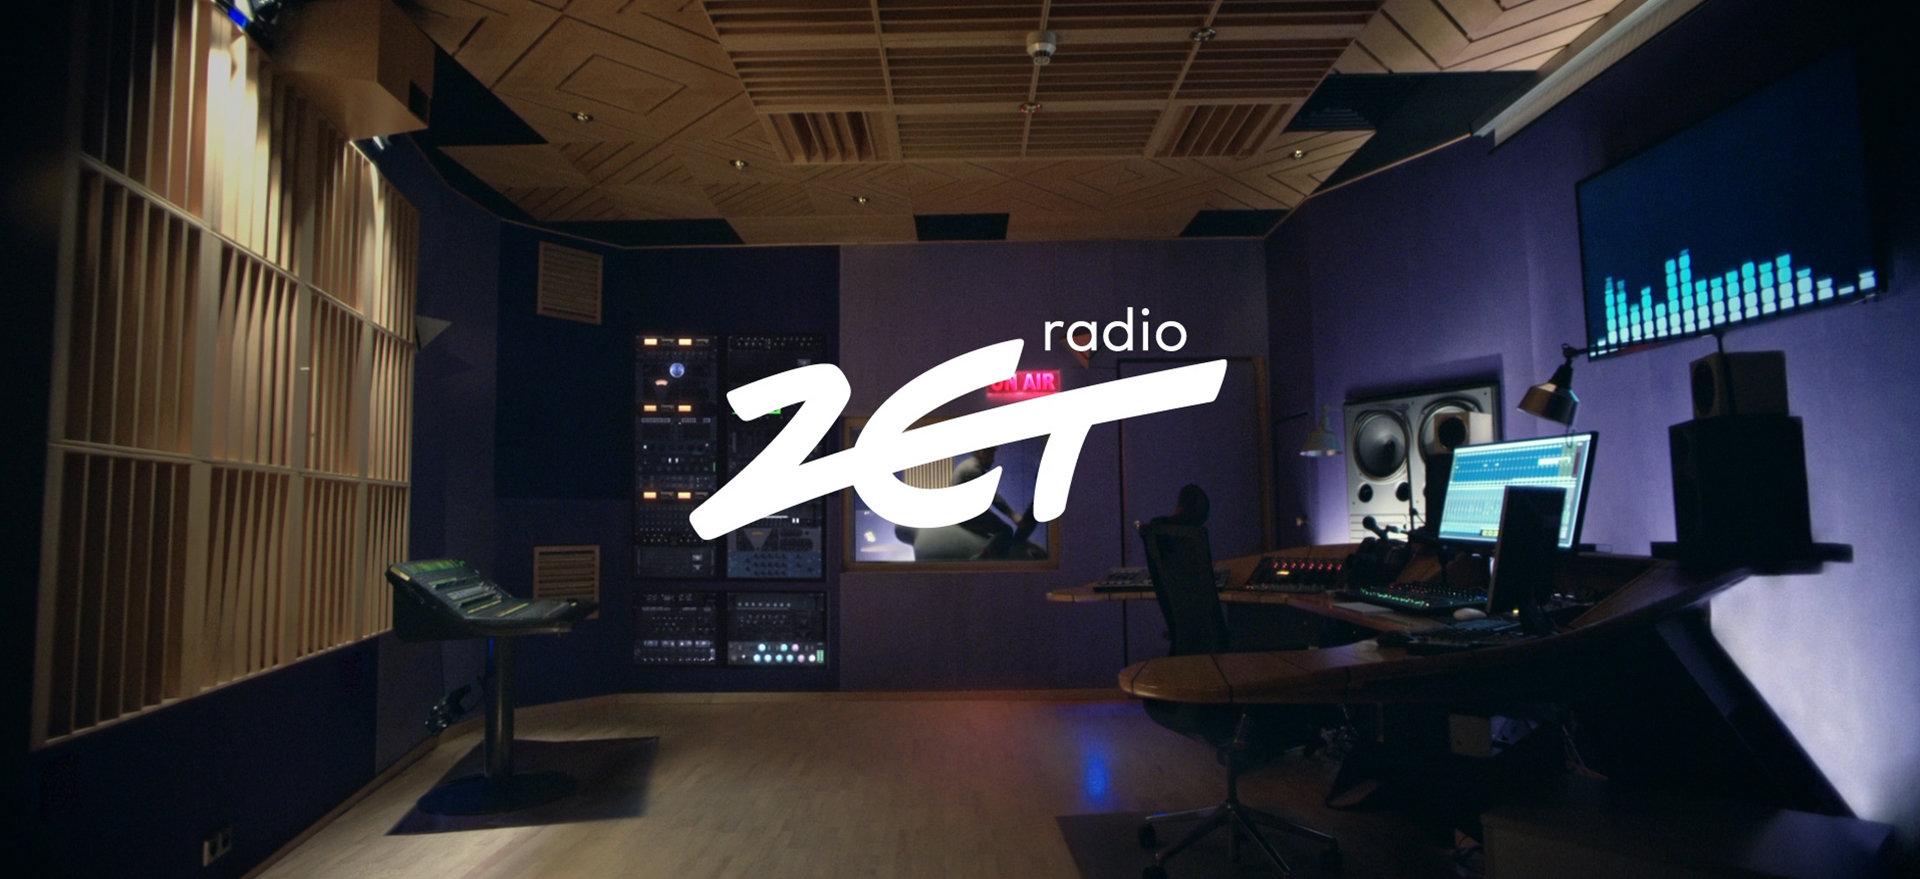 Przez życie z radiem - nowa kampania Radia ZET od Isobar Poland Group